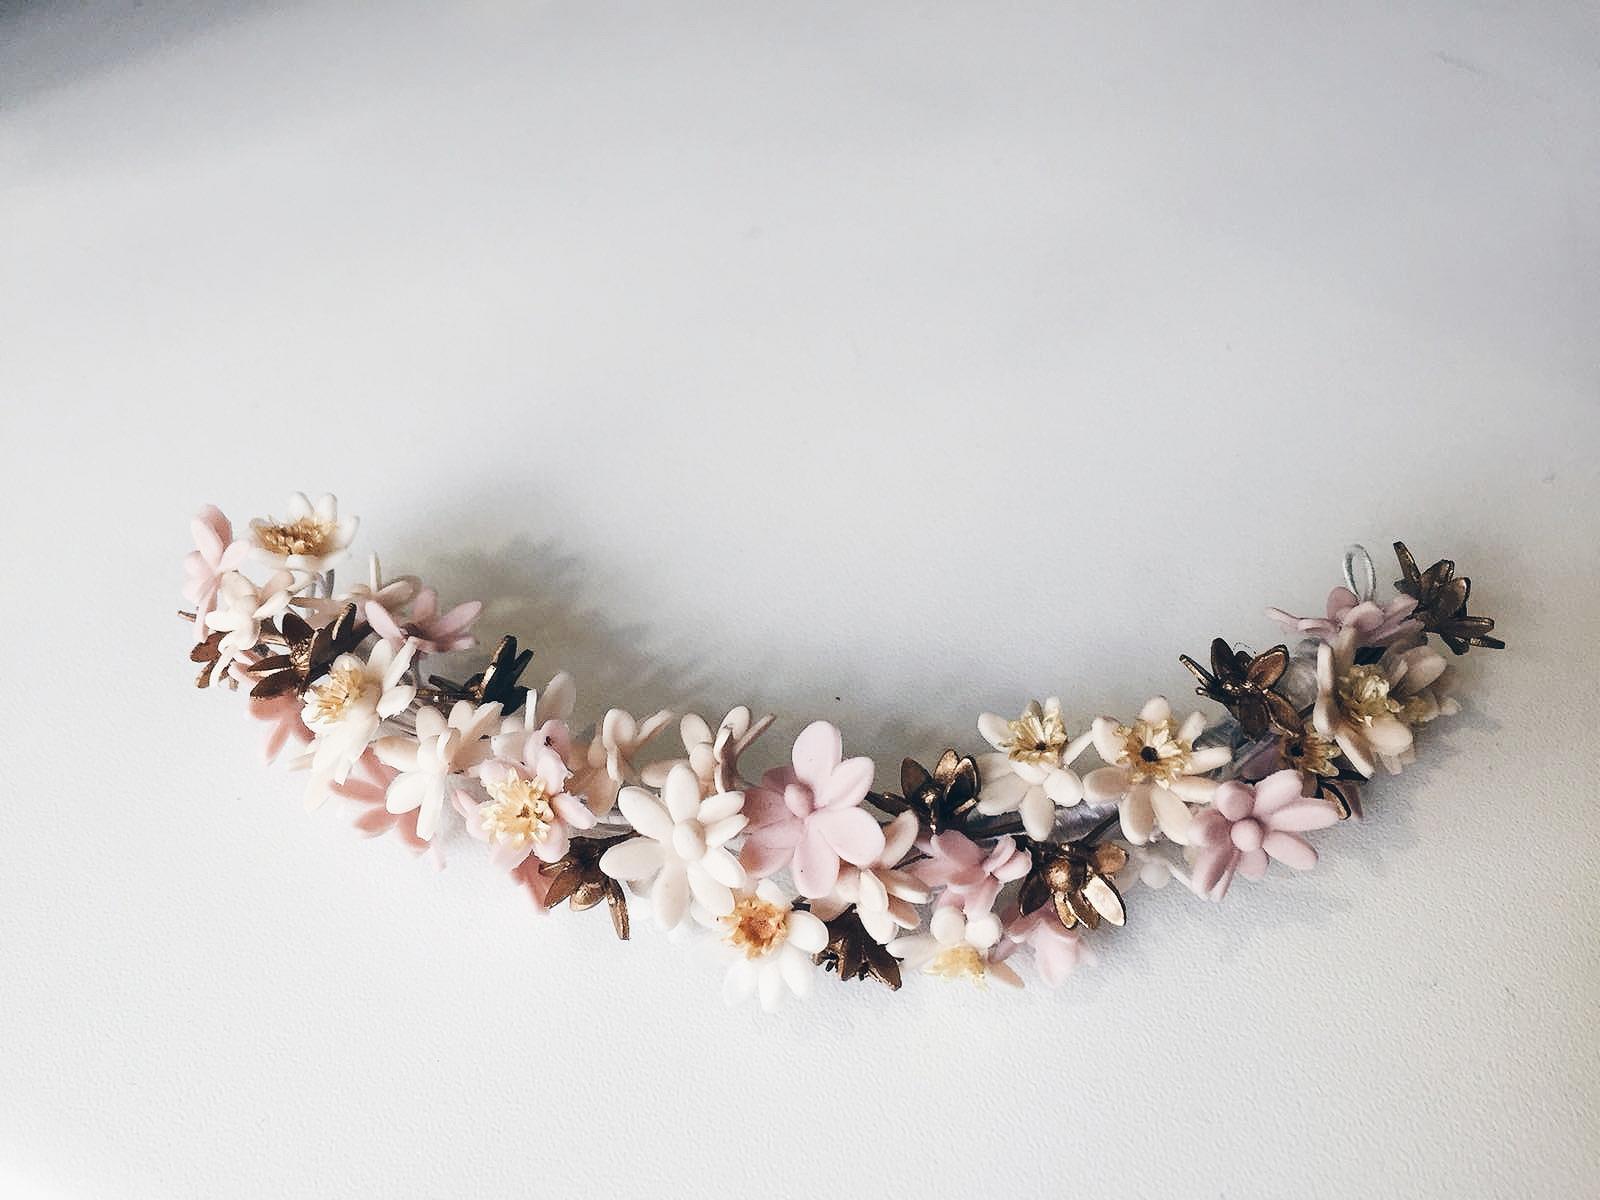 Semicorona porcellana flors artesanals